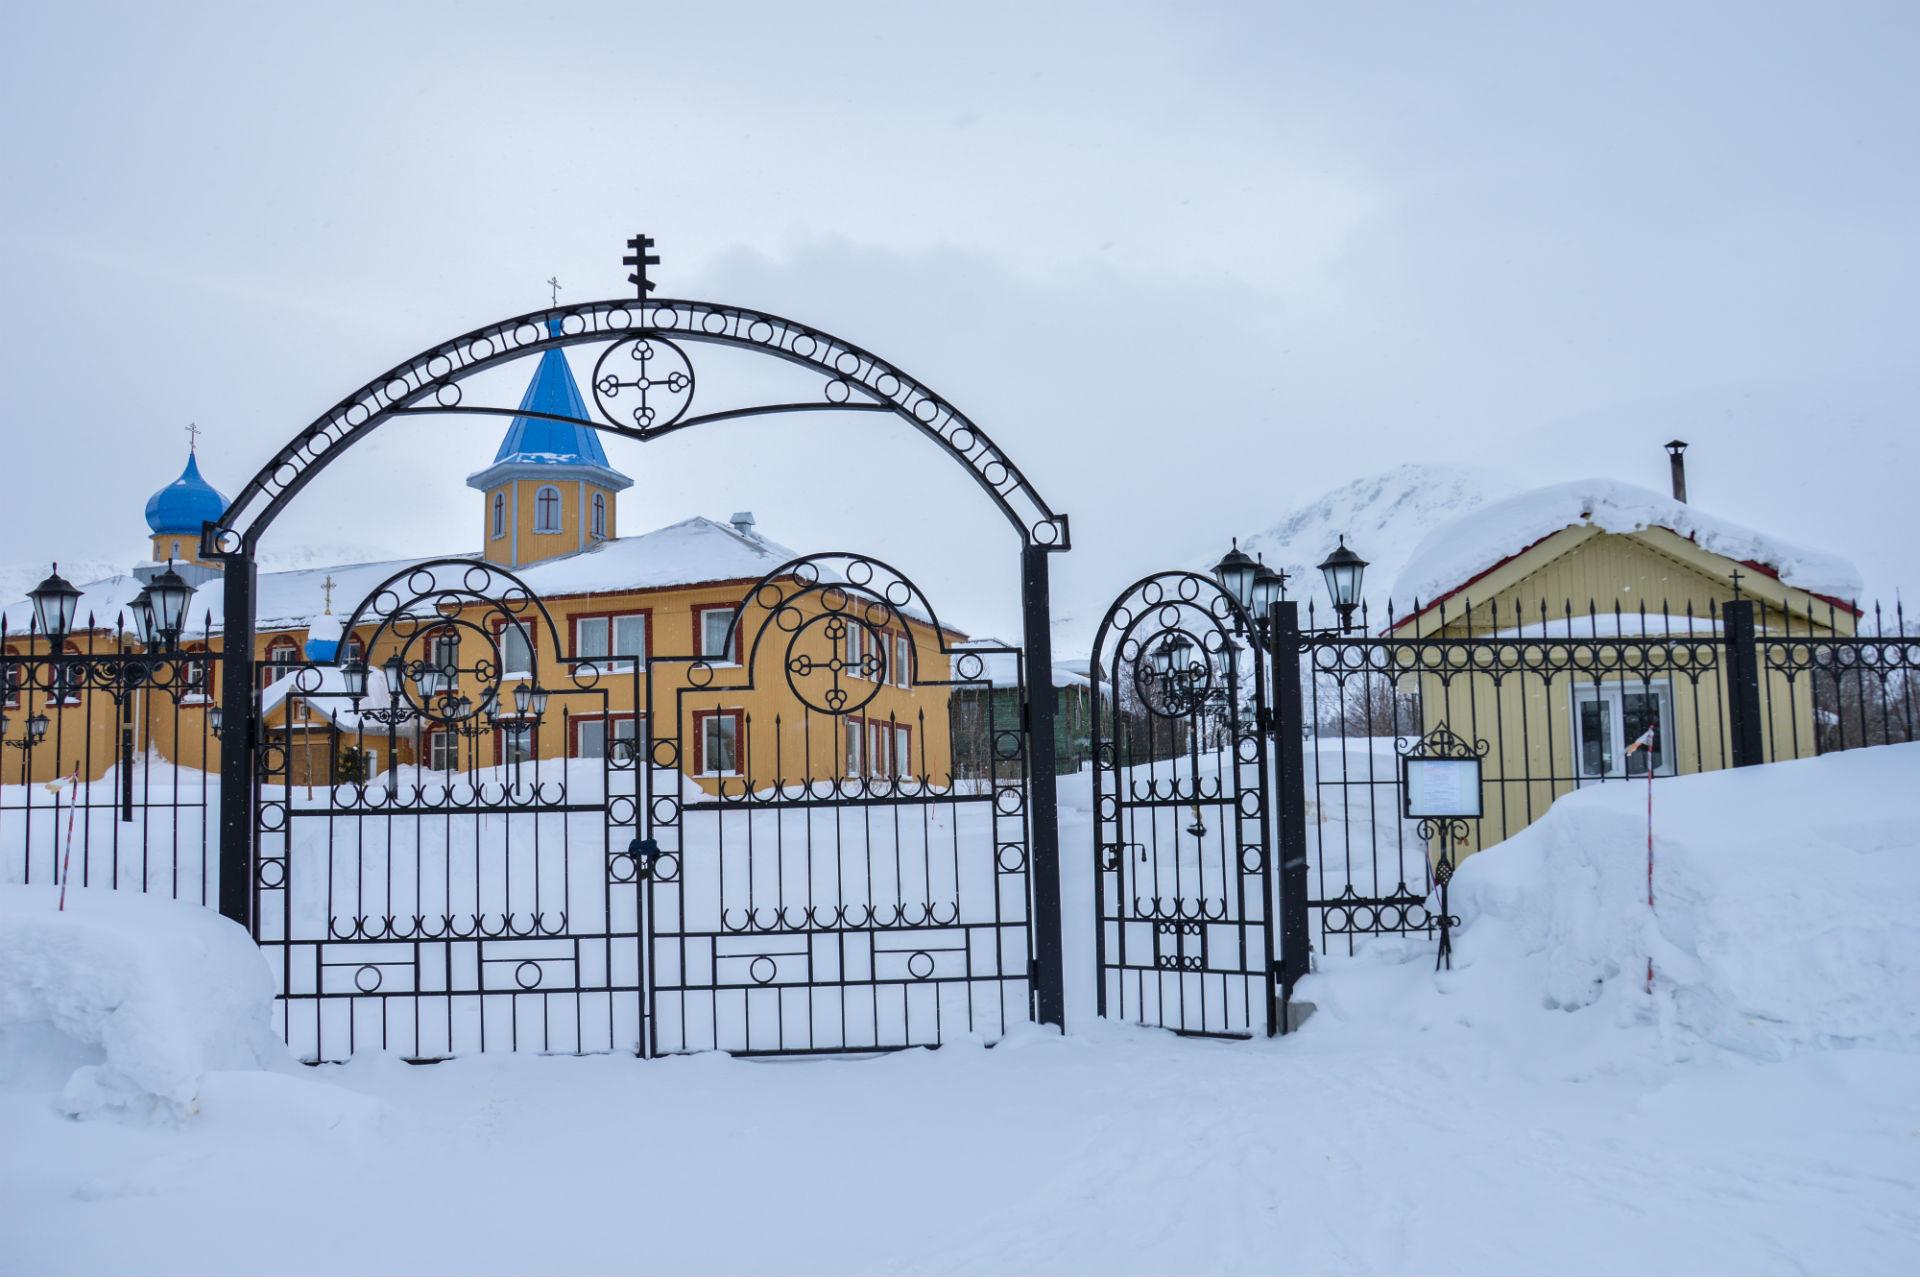 Barvit samostan ob vznožju gore je dobrodošla sprememba bele snežne monotonosti pokrajine.